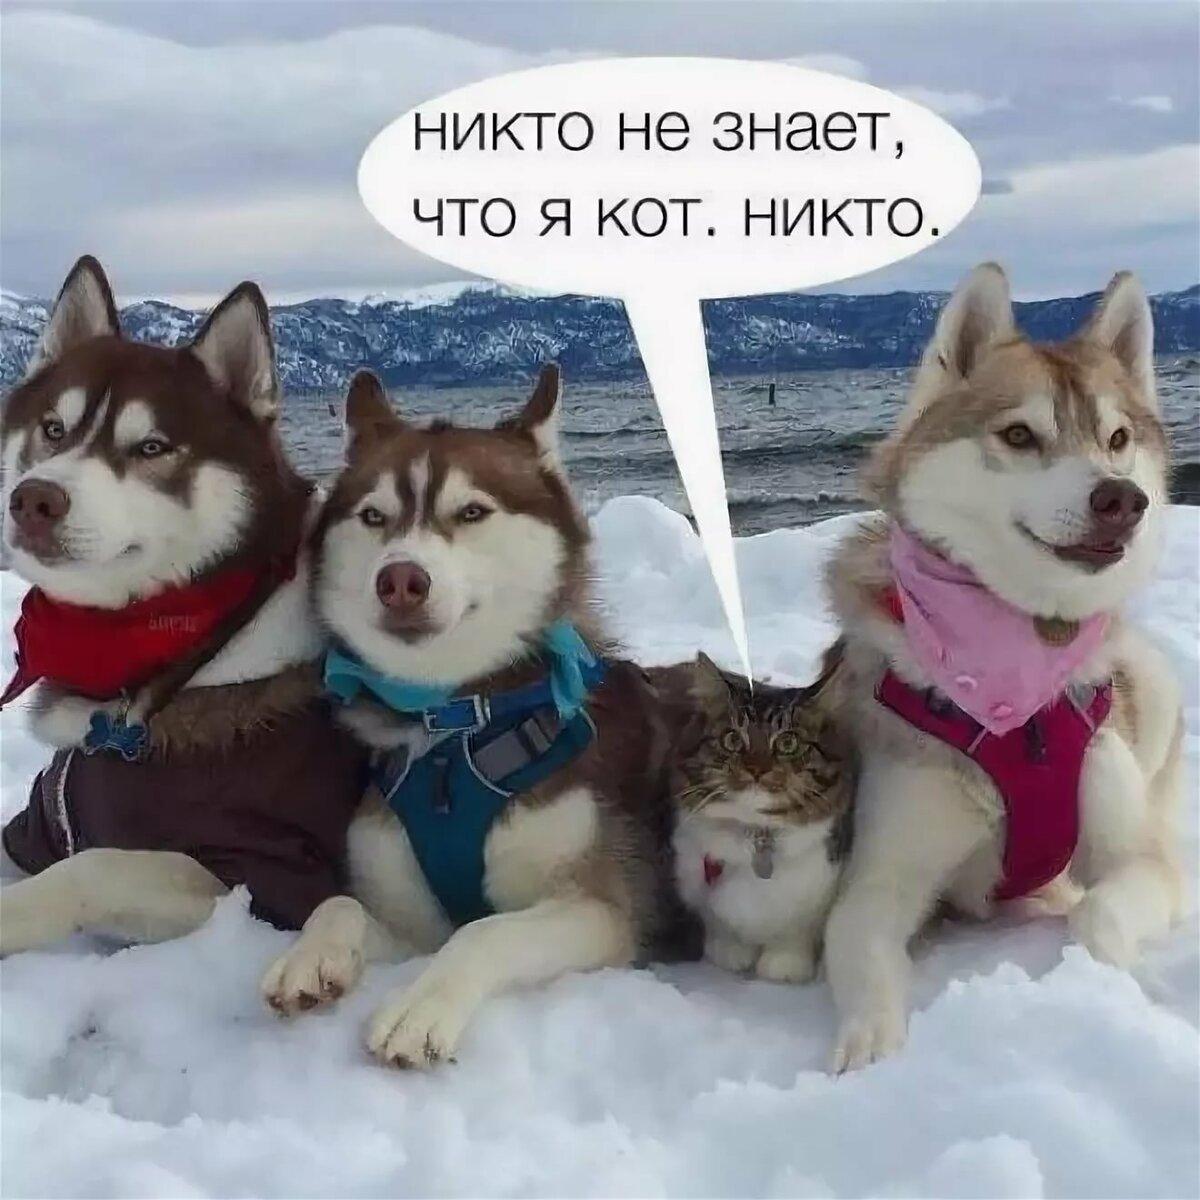 Новые картинки с надписями вконтакте, душе картинки